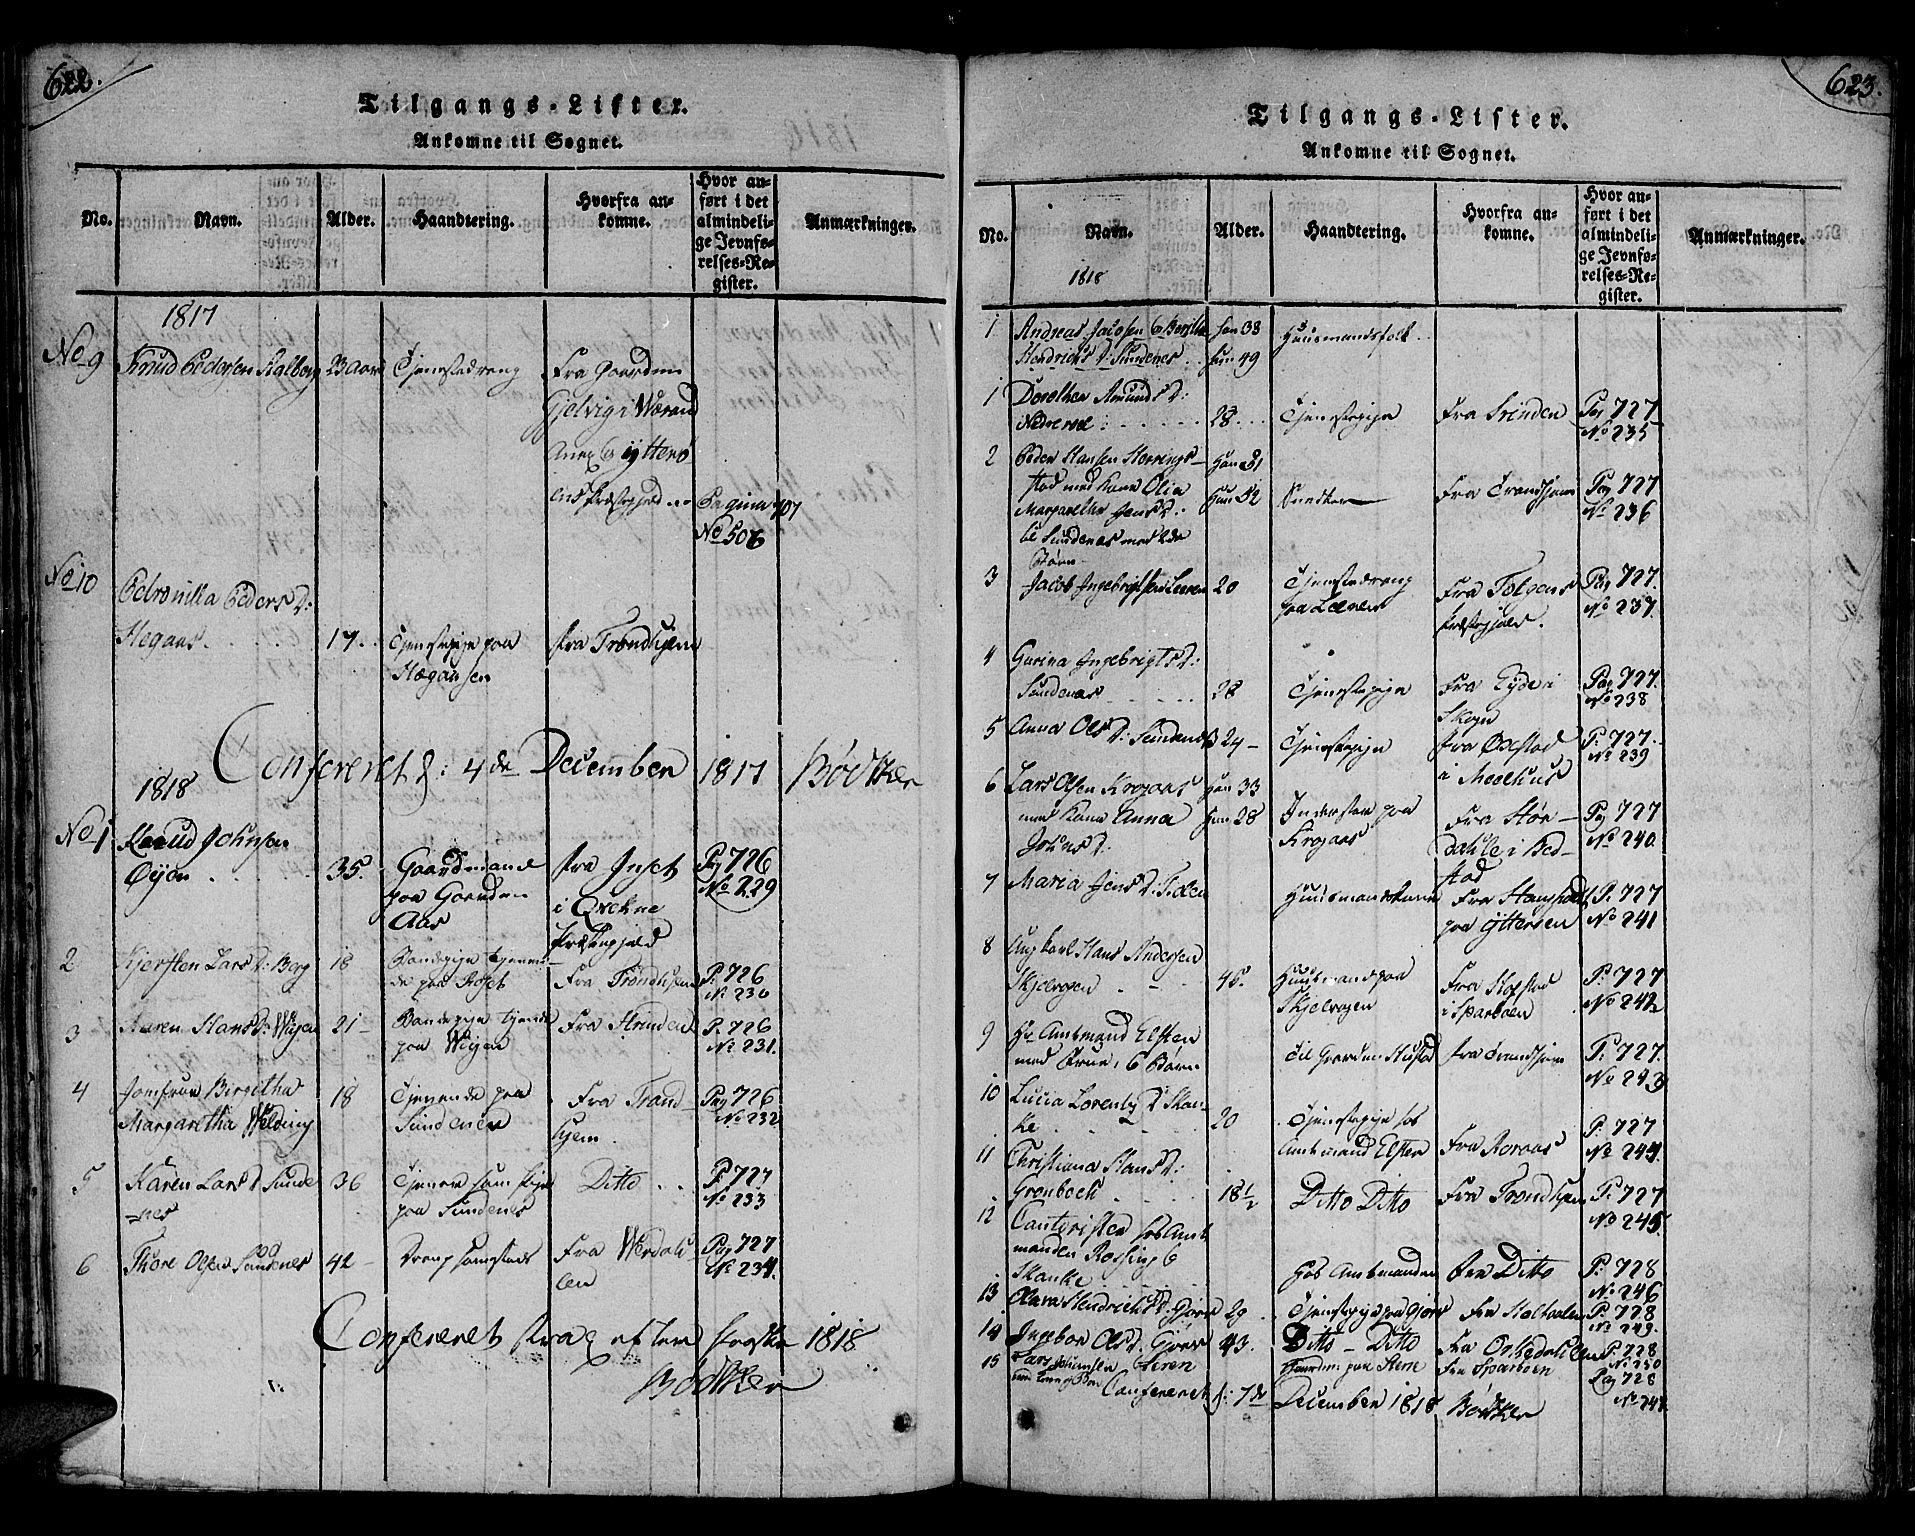 SAT, Ministerialprotokoller, klokkerbøker og fødselsregistre - Nord-Trøndelag, 730/L0275: Ministerialbok nr. 730A04, 1816-1822, s. 622-623